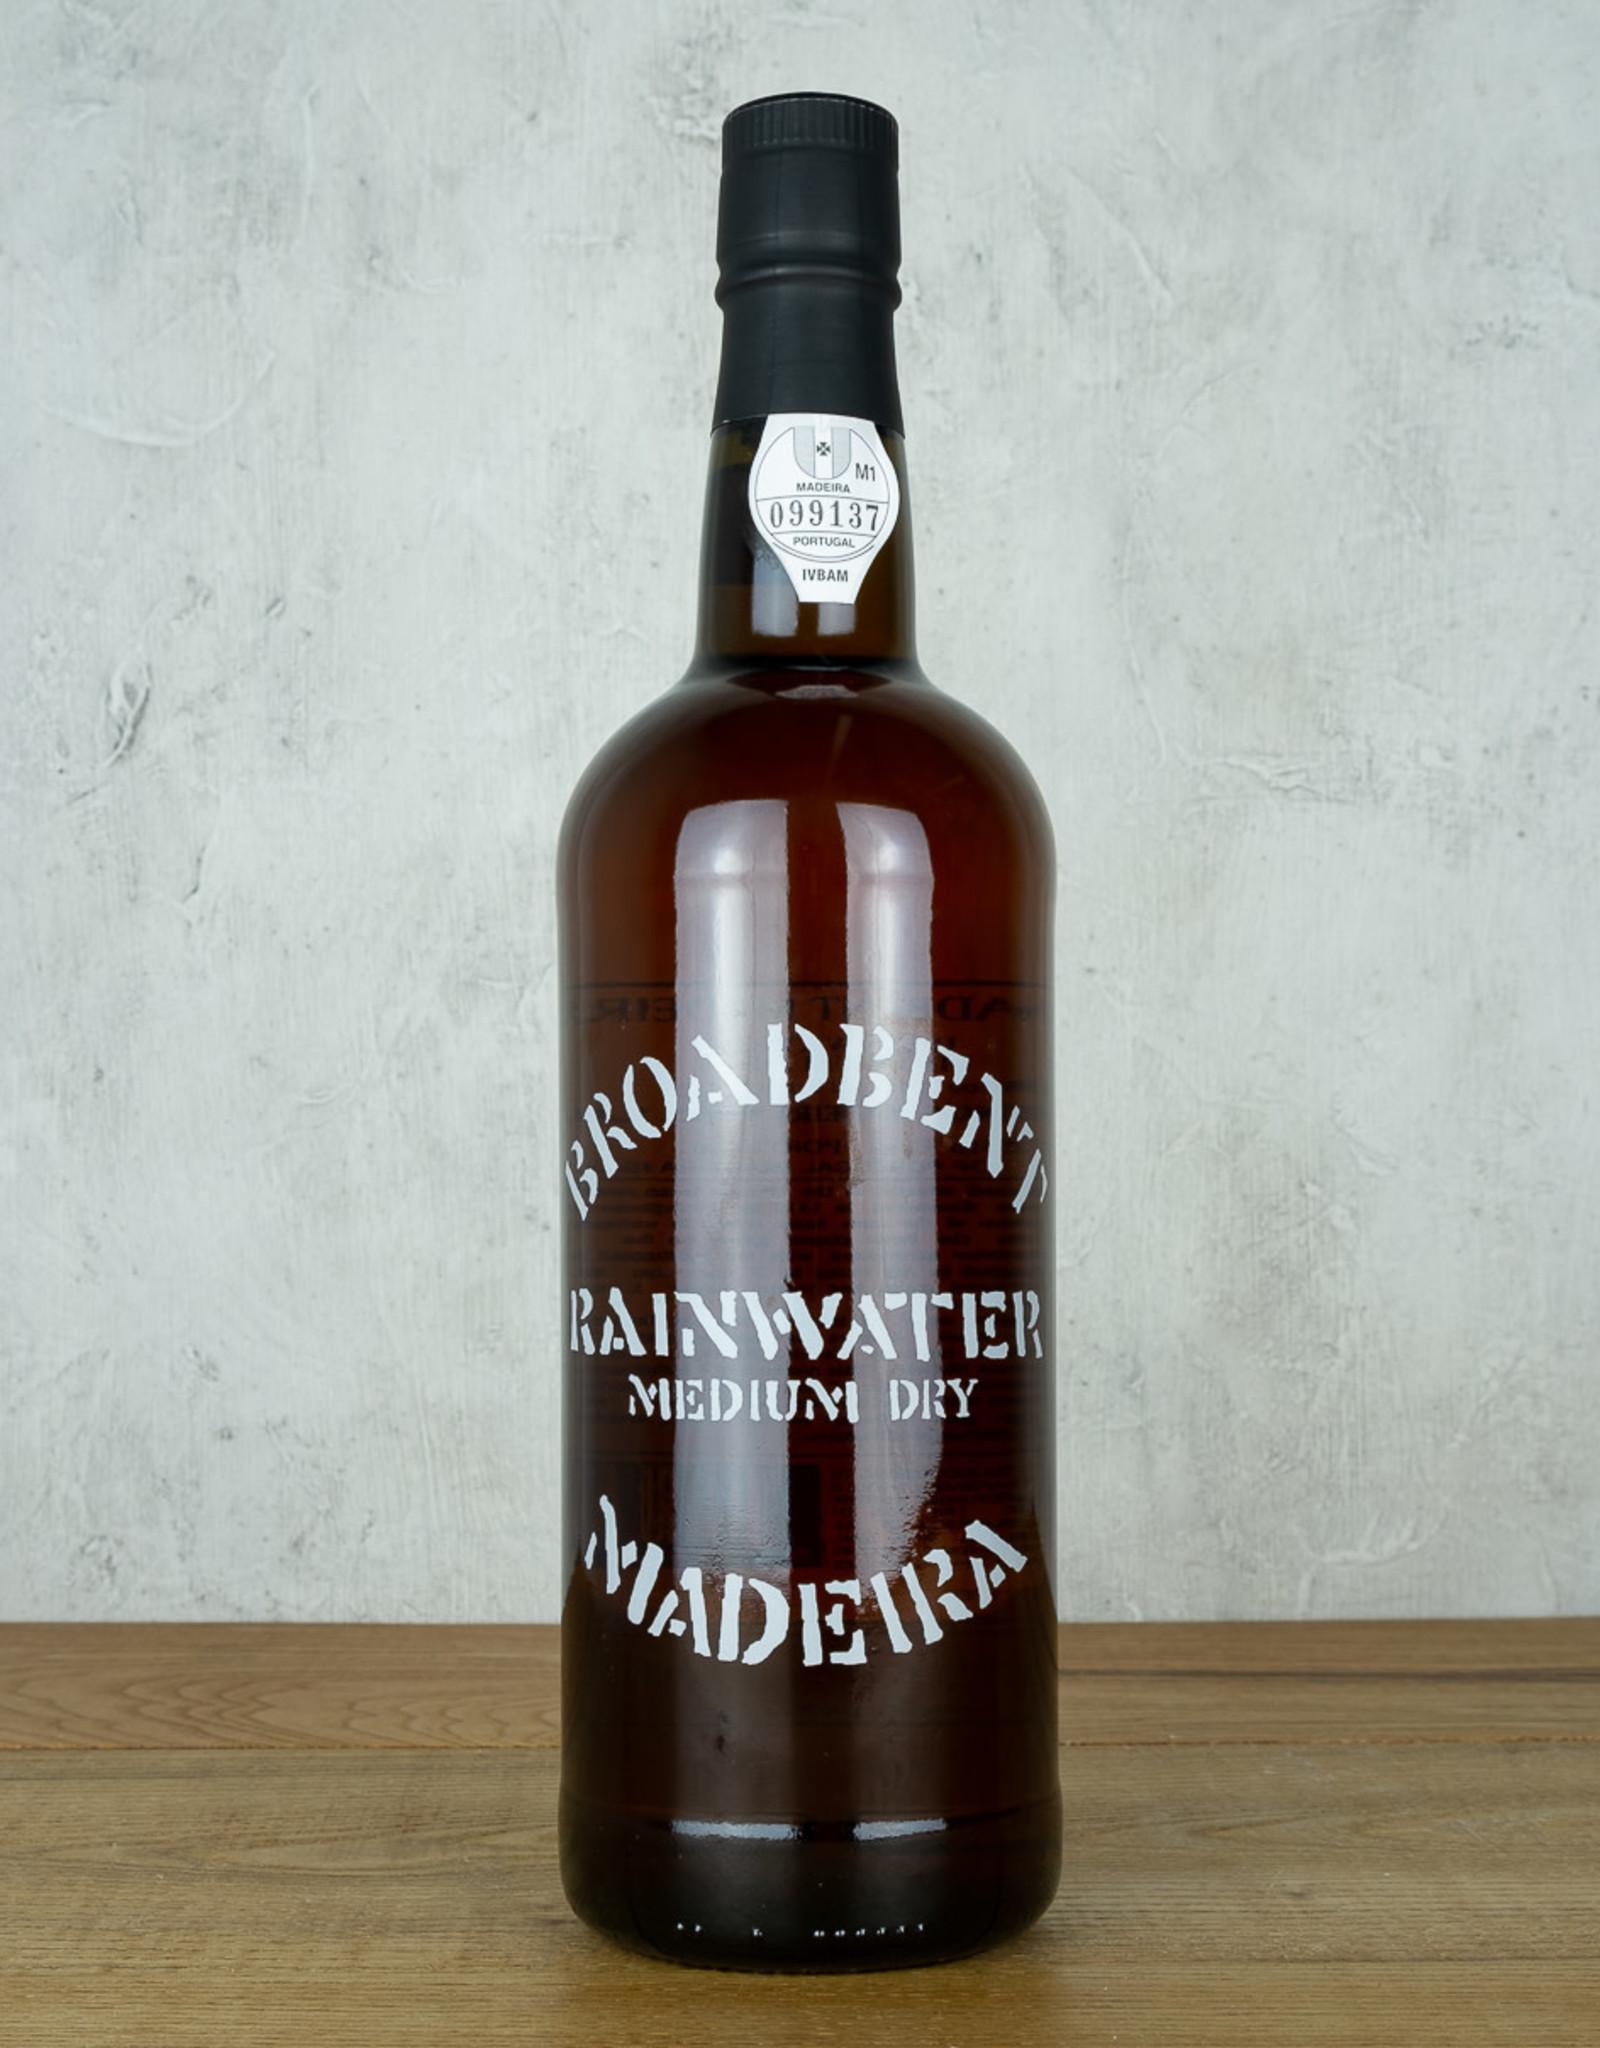 Rare Wine Co Madeira Baltimore Rainwater